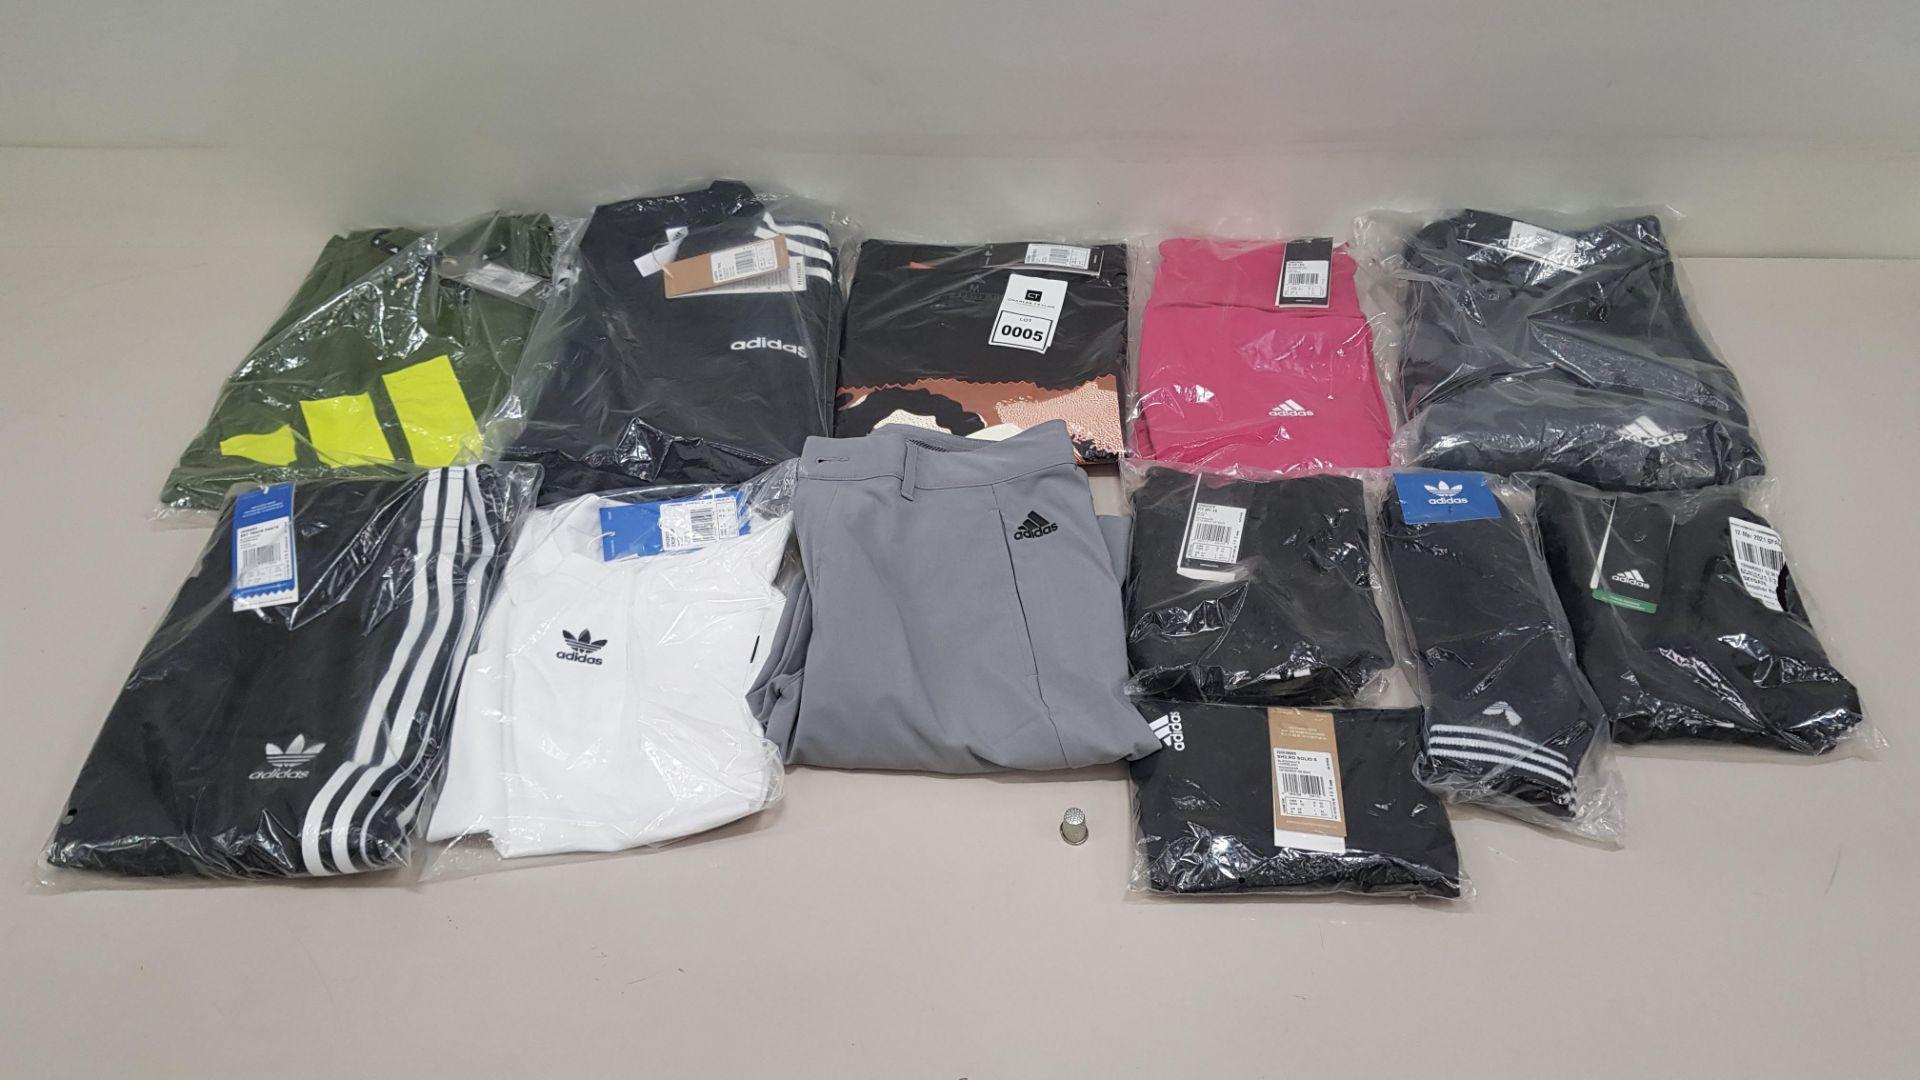 12 PIECE CLOTHING LOT CONTAINIG ADIDAS TRACK PANTS, ADIDAS SOCKS, ADIDAS PANTS AND ADIDAS T SHIRTS